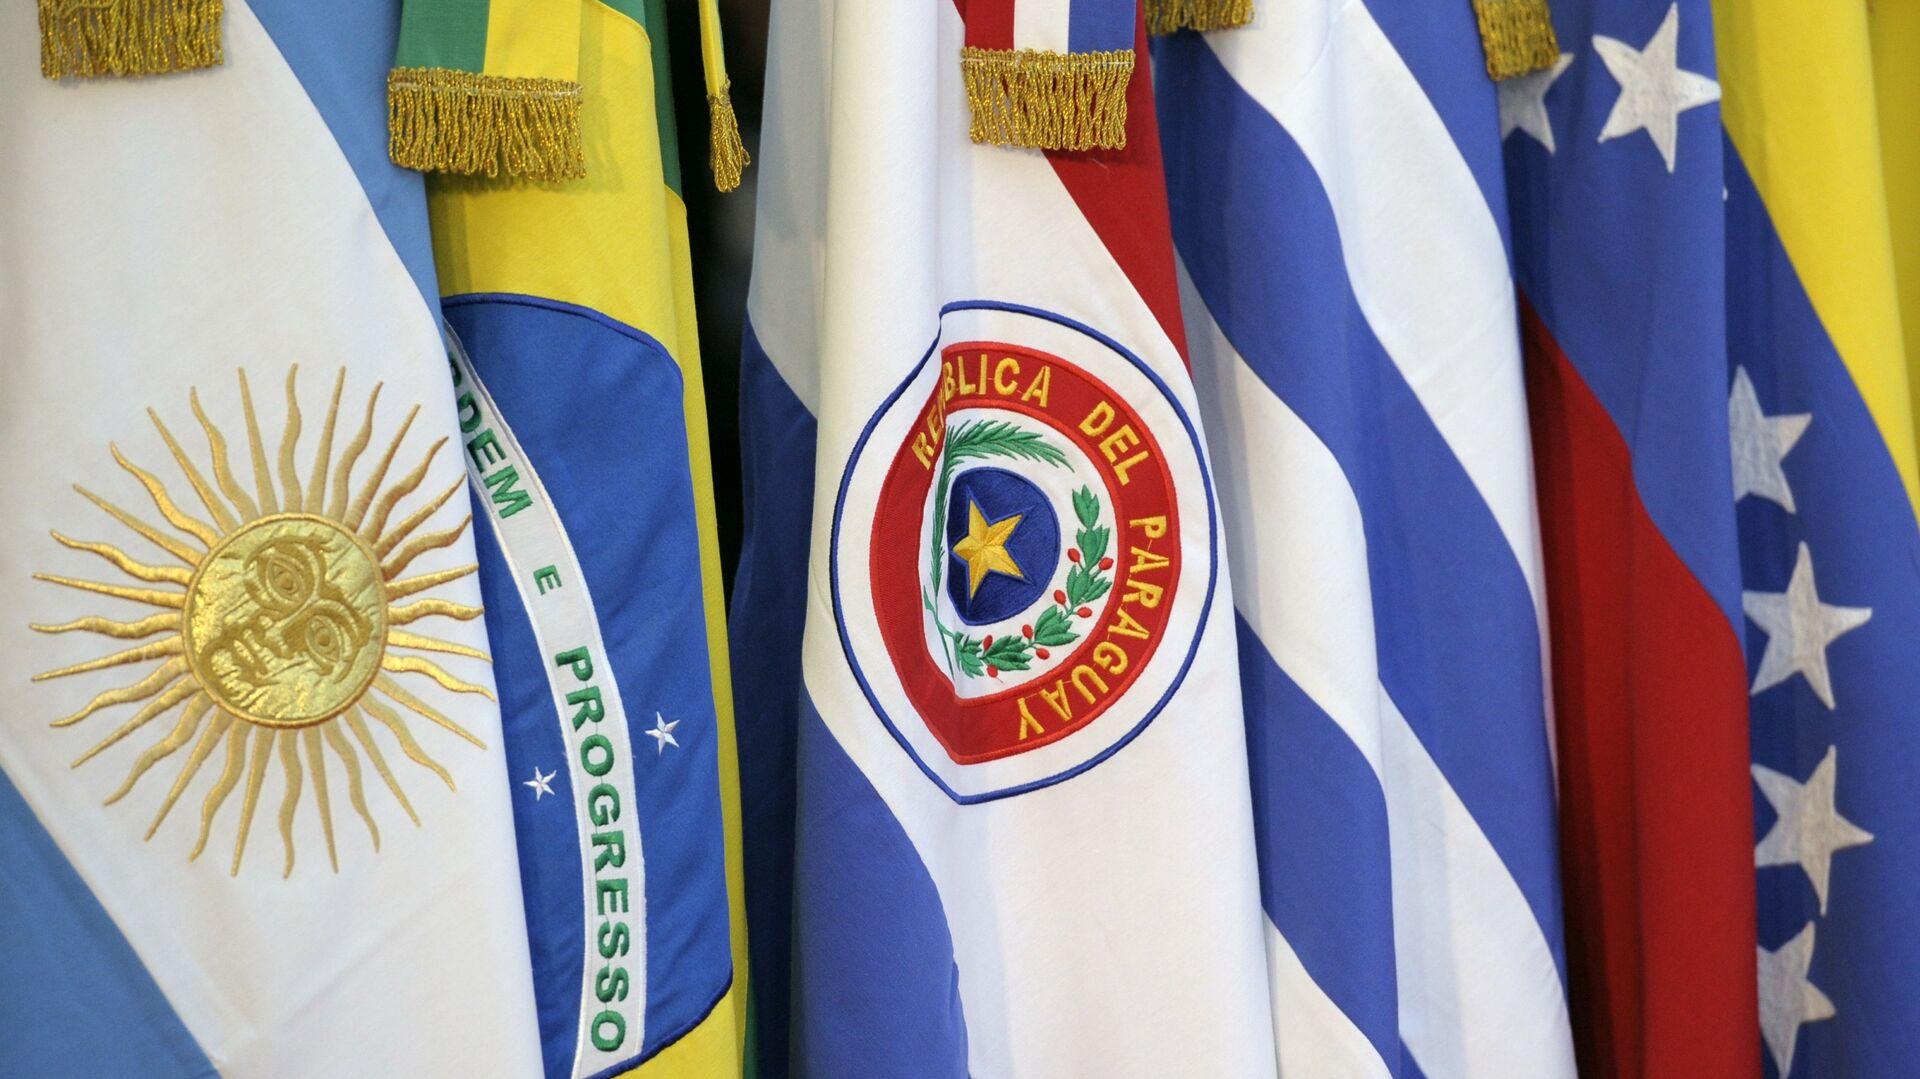 Banderas de los Estados miembros del Mercosur - Sputnik Mundo, 1920, 07.05.2021